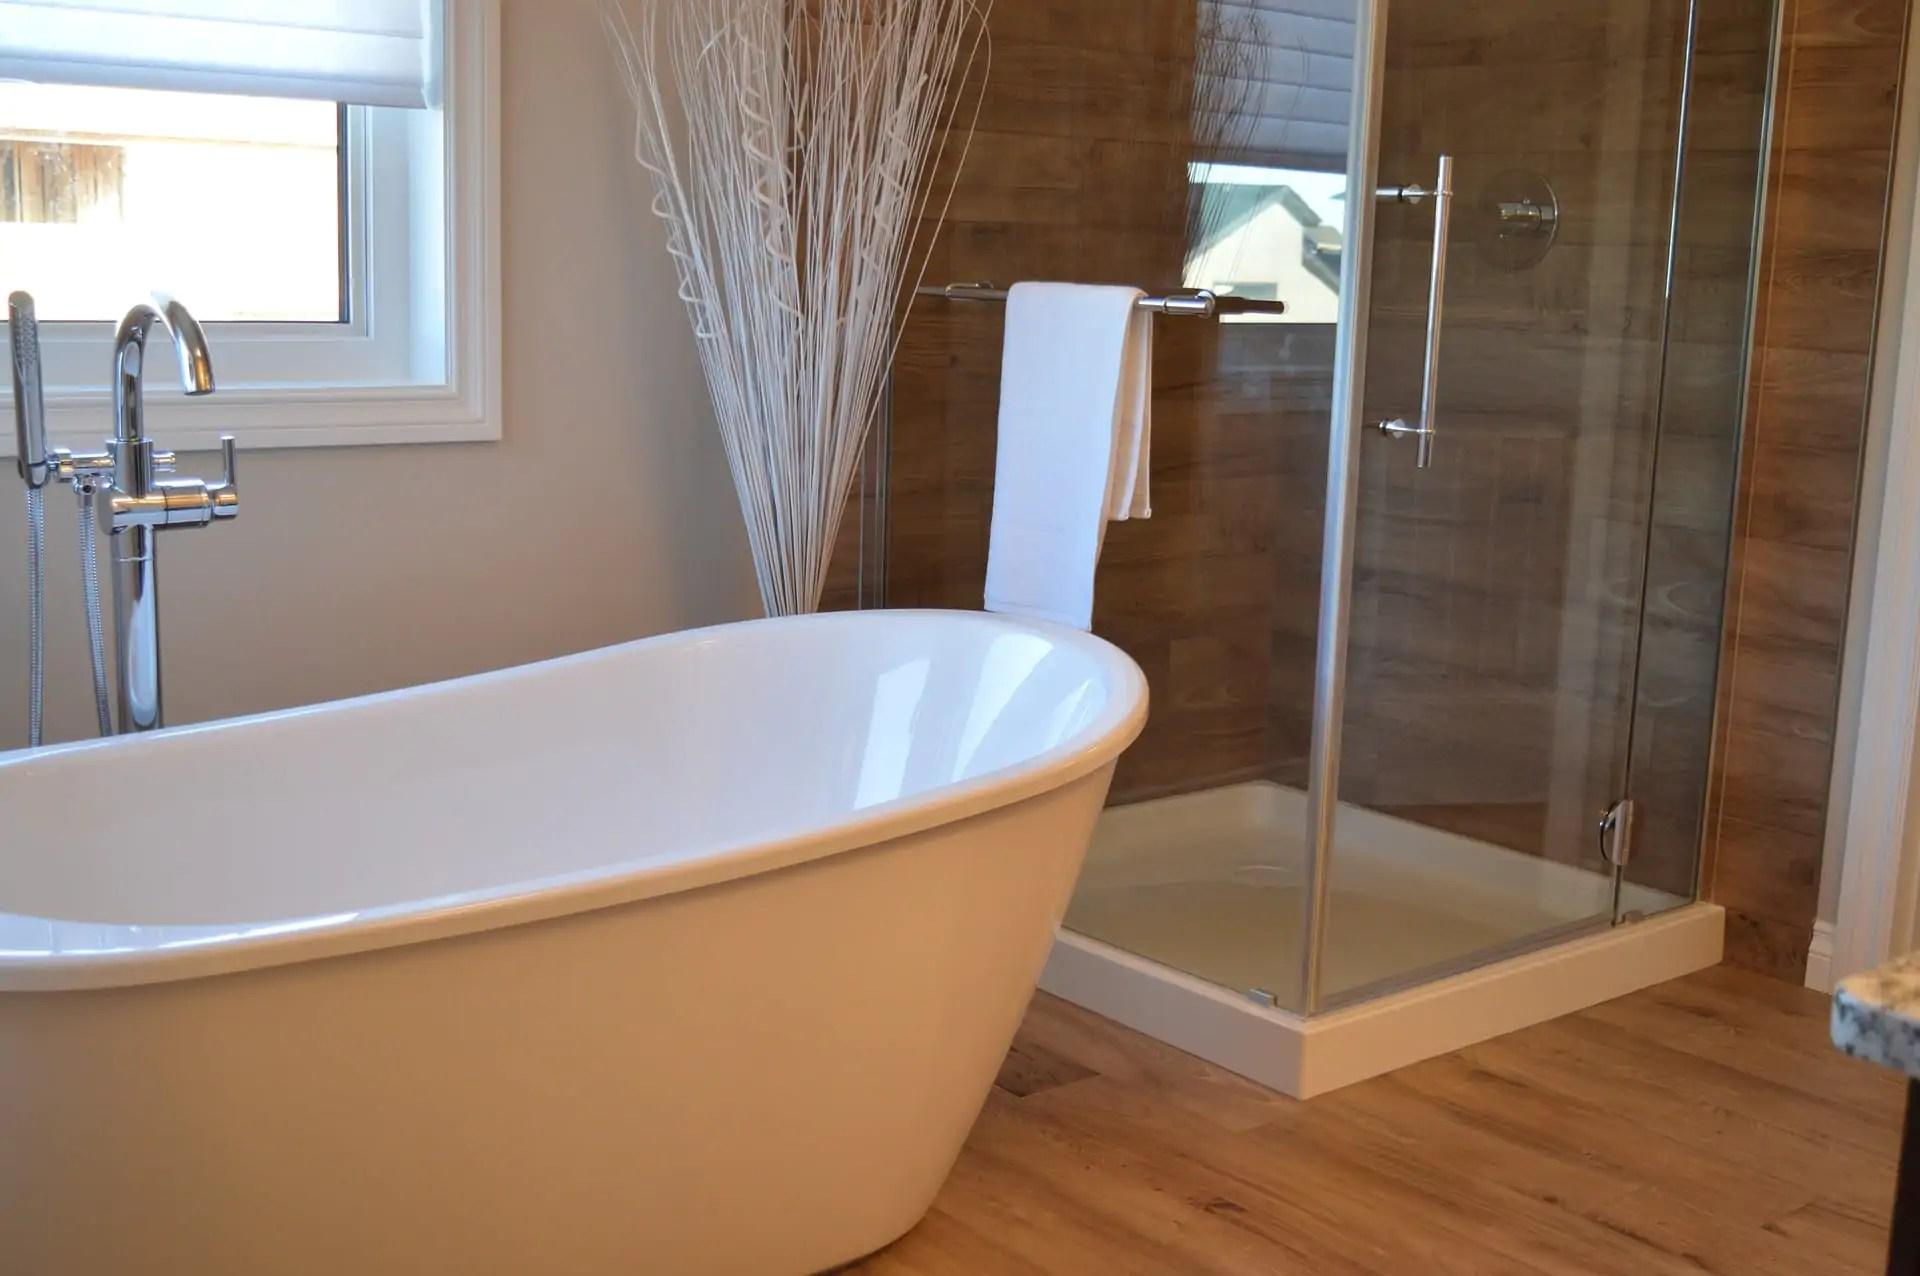 Dusche Oder Badewanne Eine Entscheidungshilfe Fur Das Bad Franke Raumwert